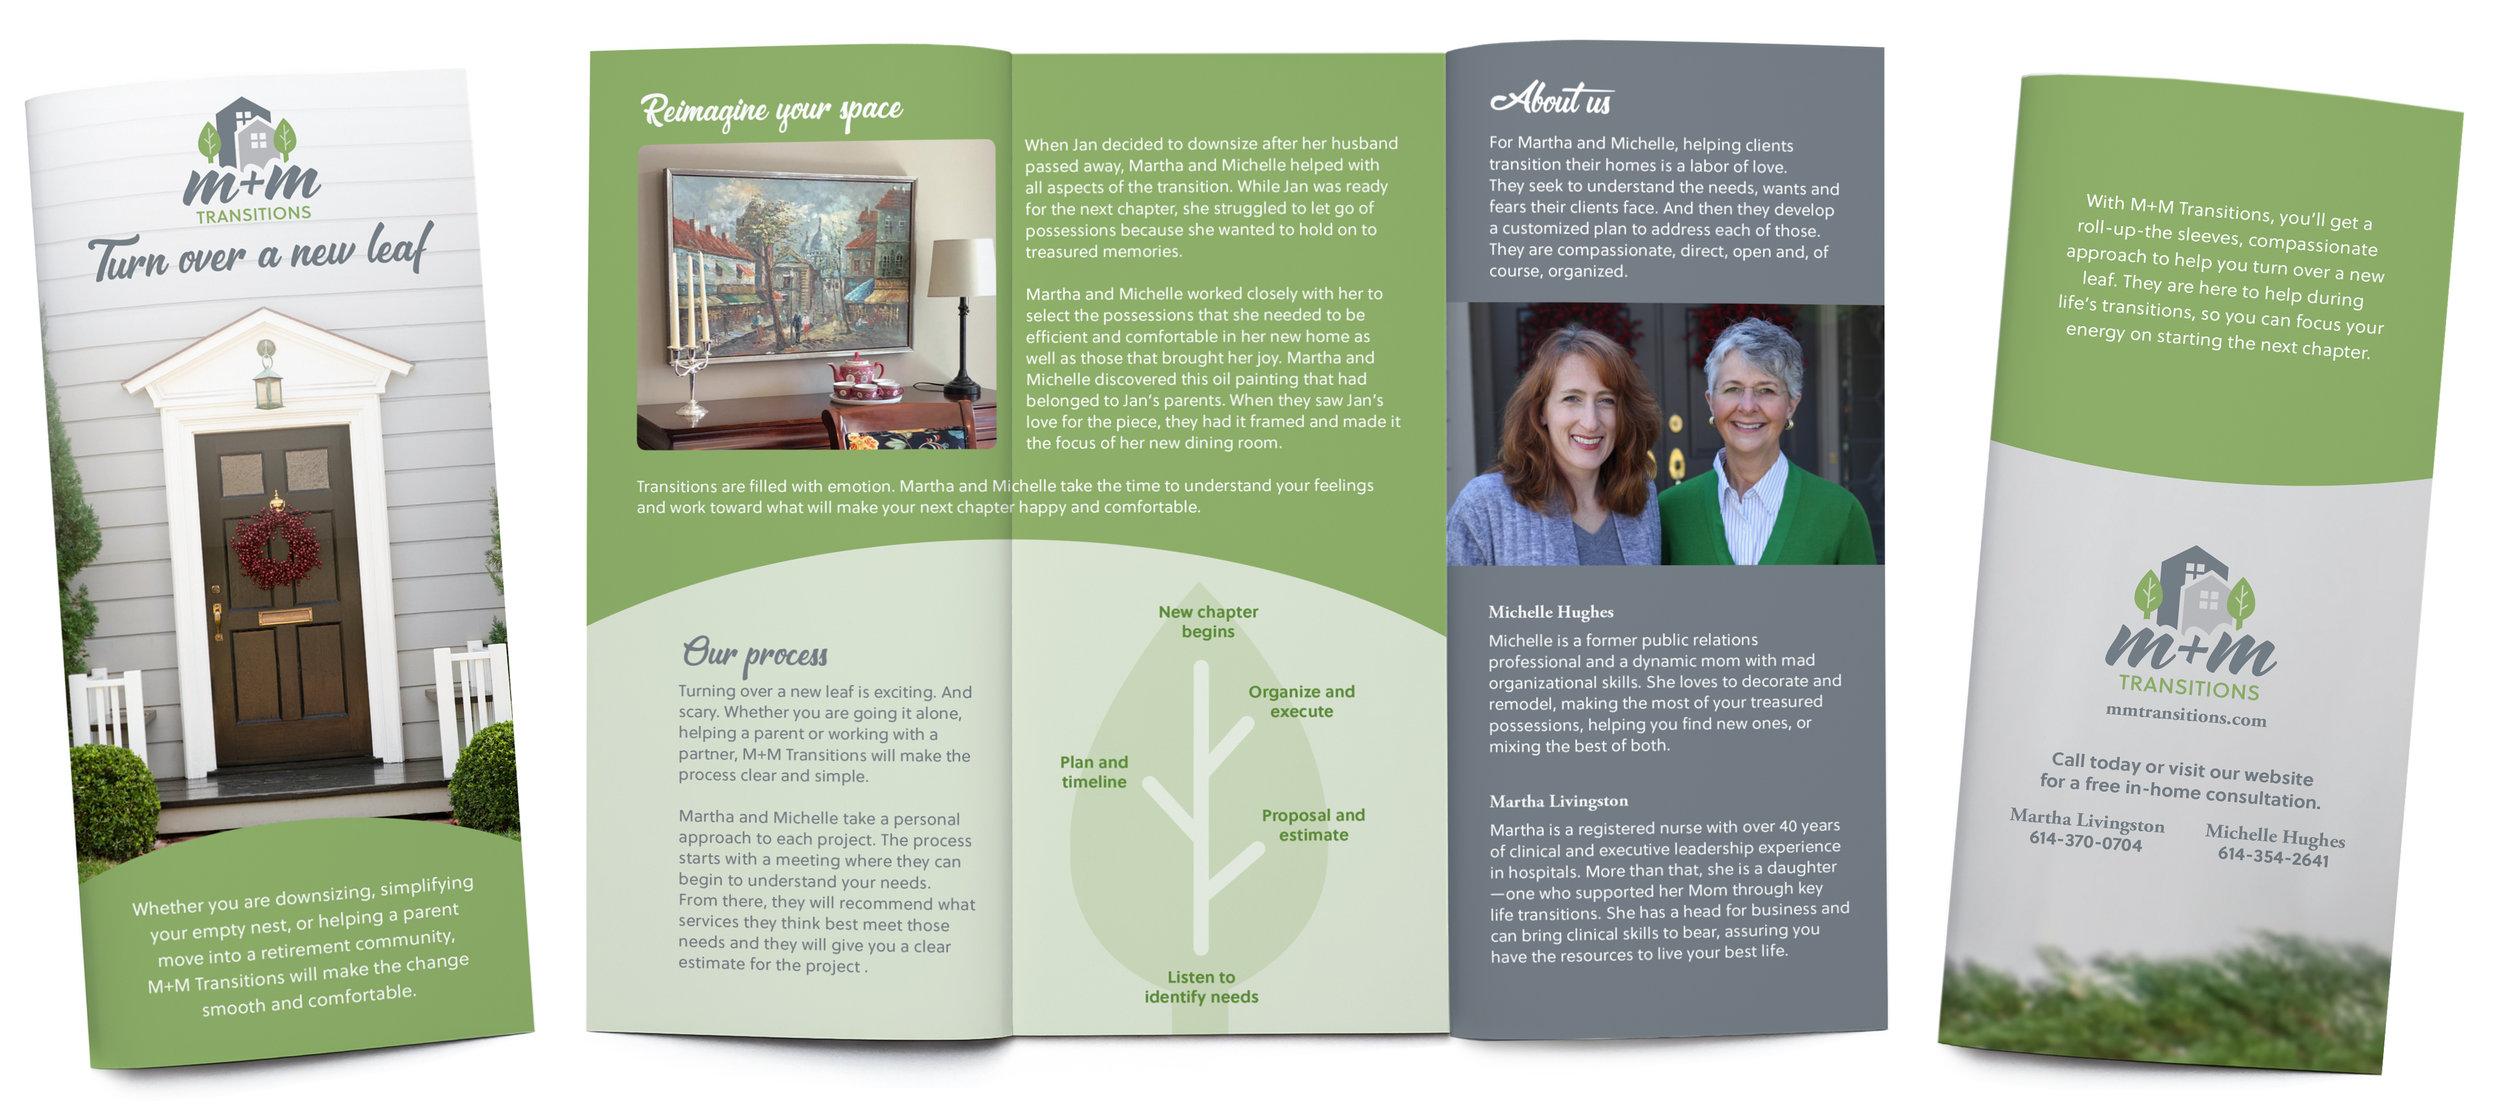 mmtransitions_brochure.jpg